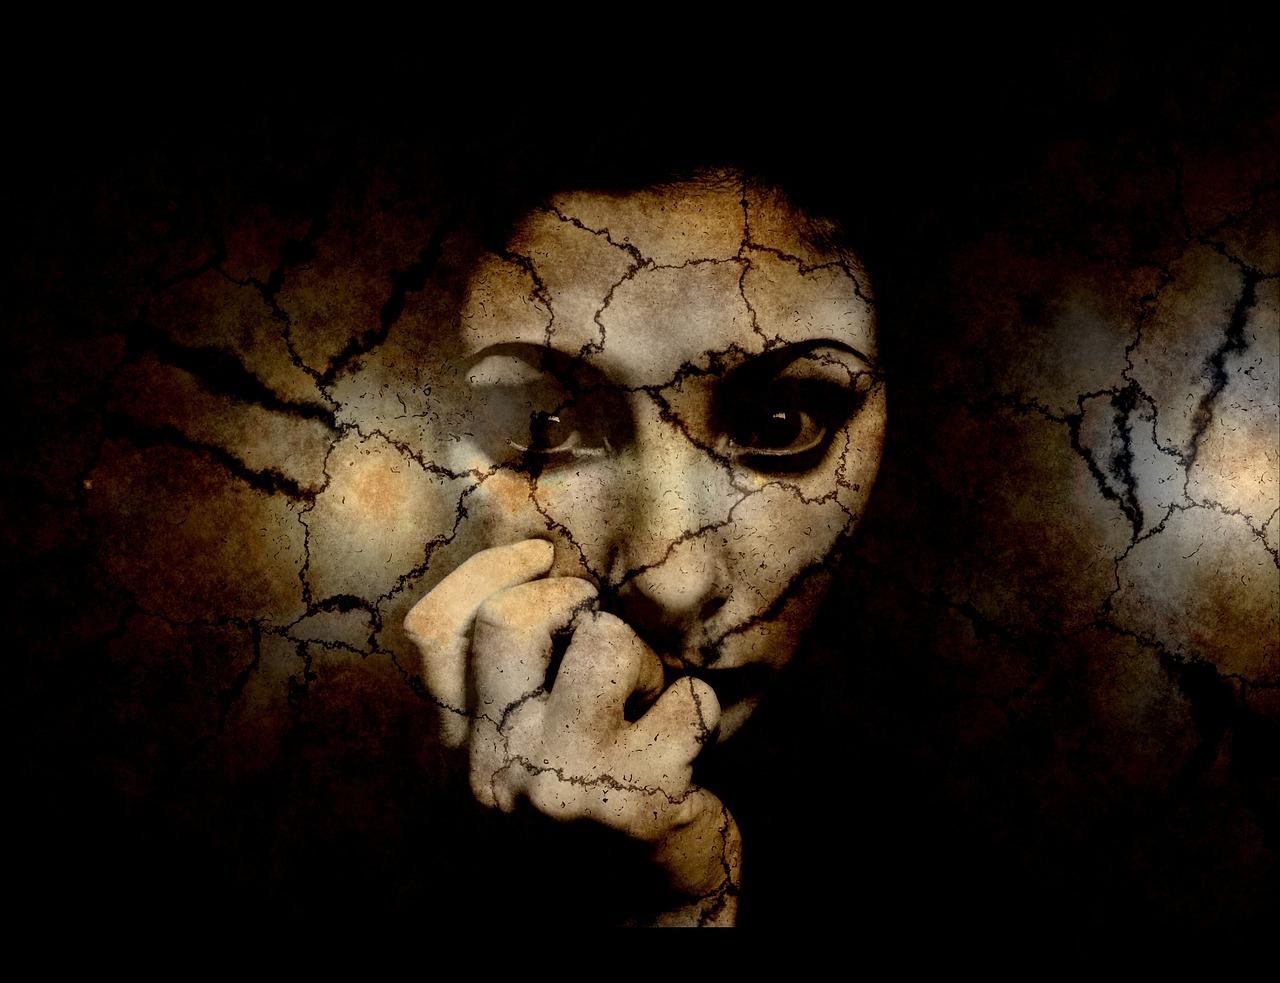 ריפוי פחדים